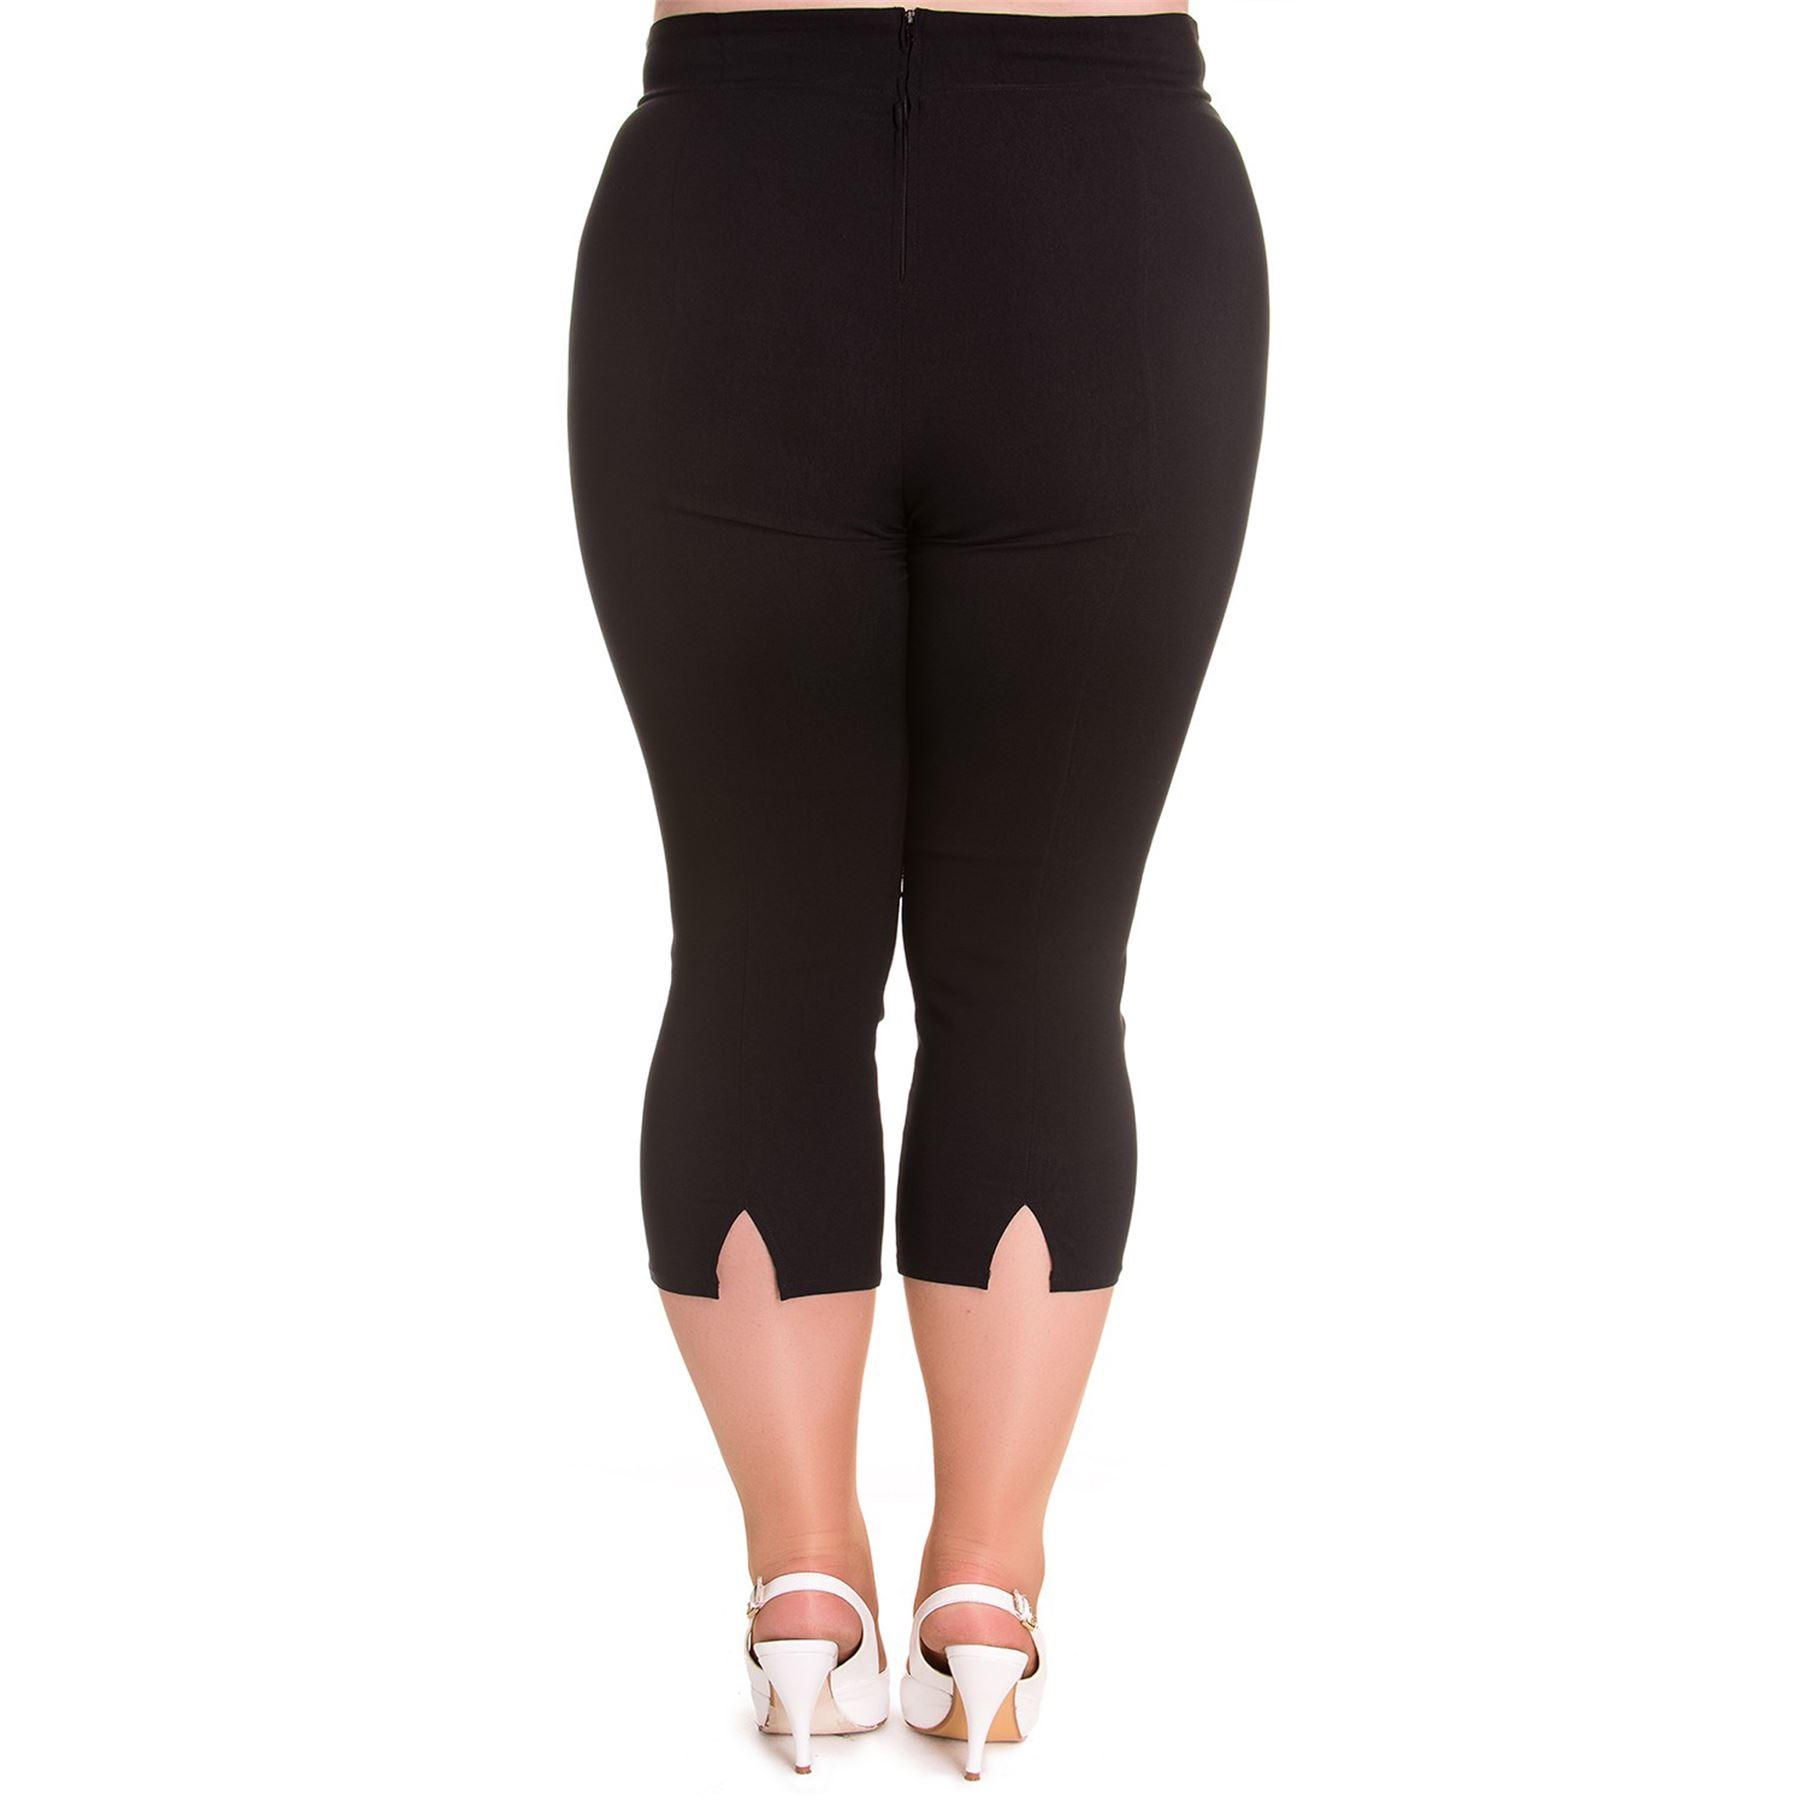 Hell Bunny Tina Capri Trousers Pedal Pushers PLUS SIZES XS 4XL